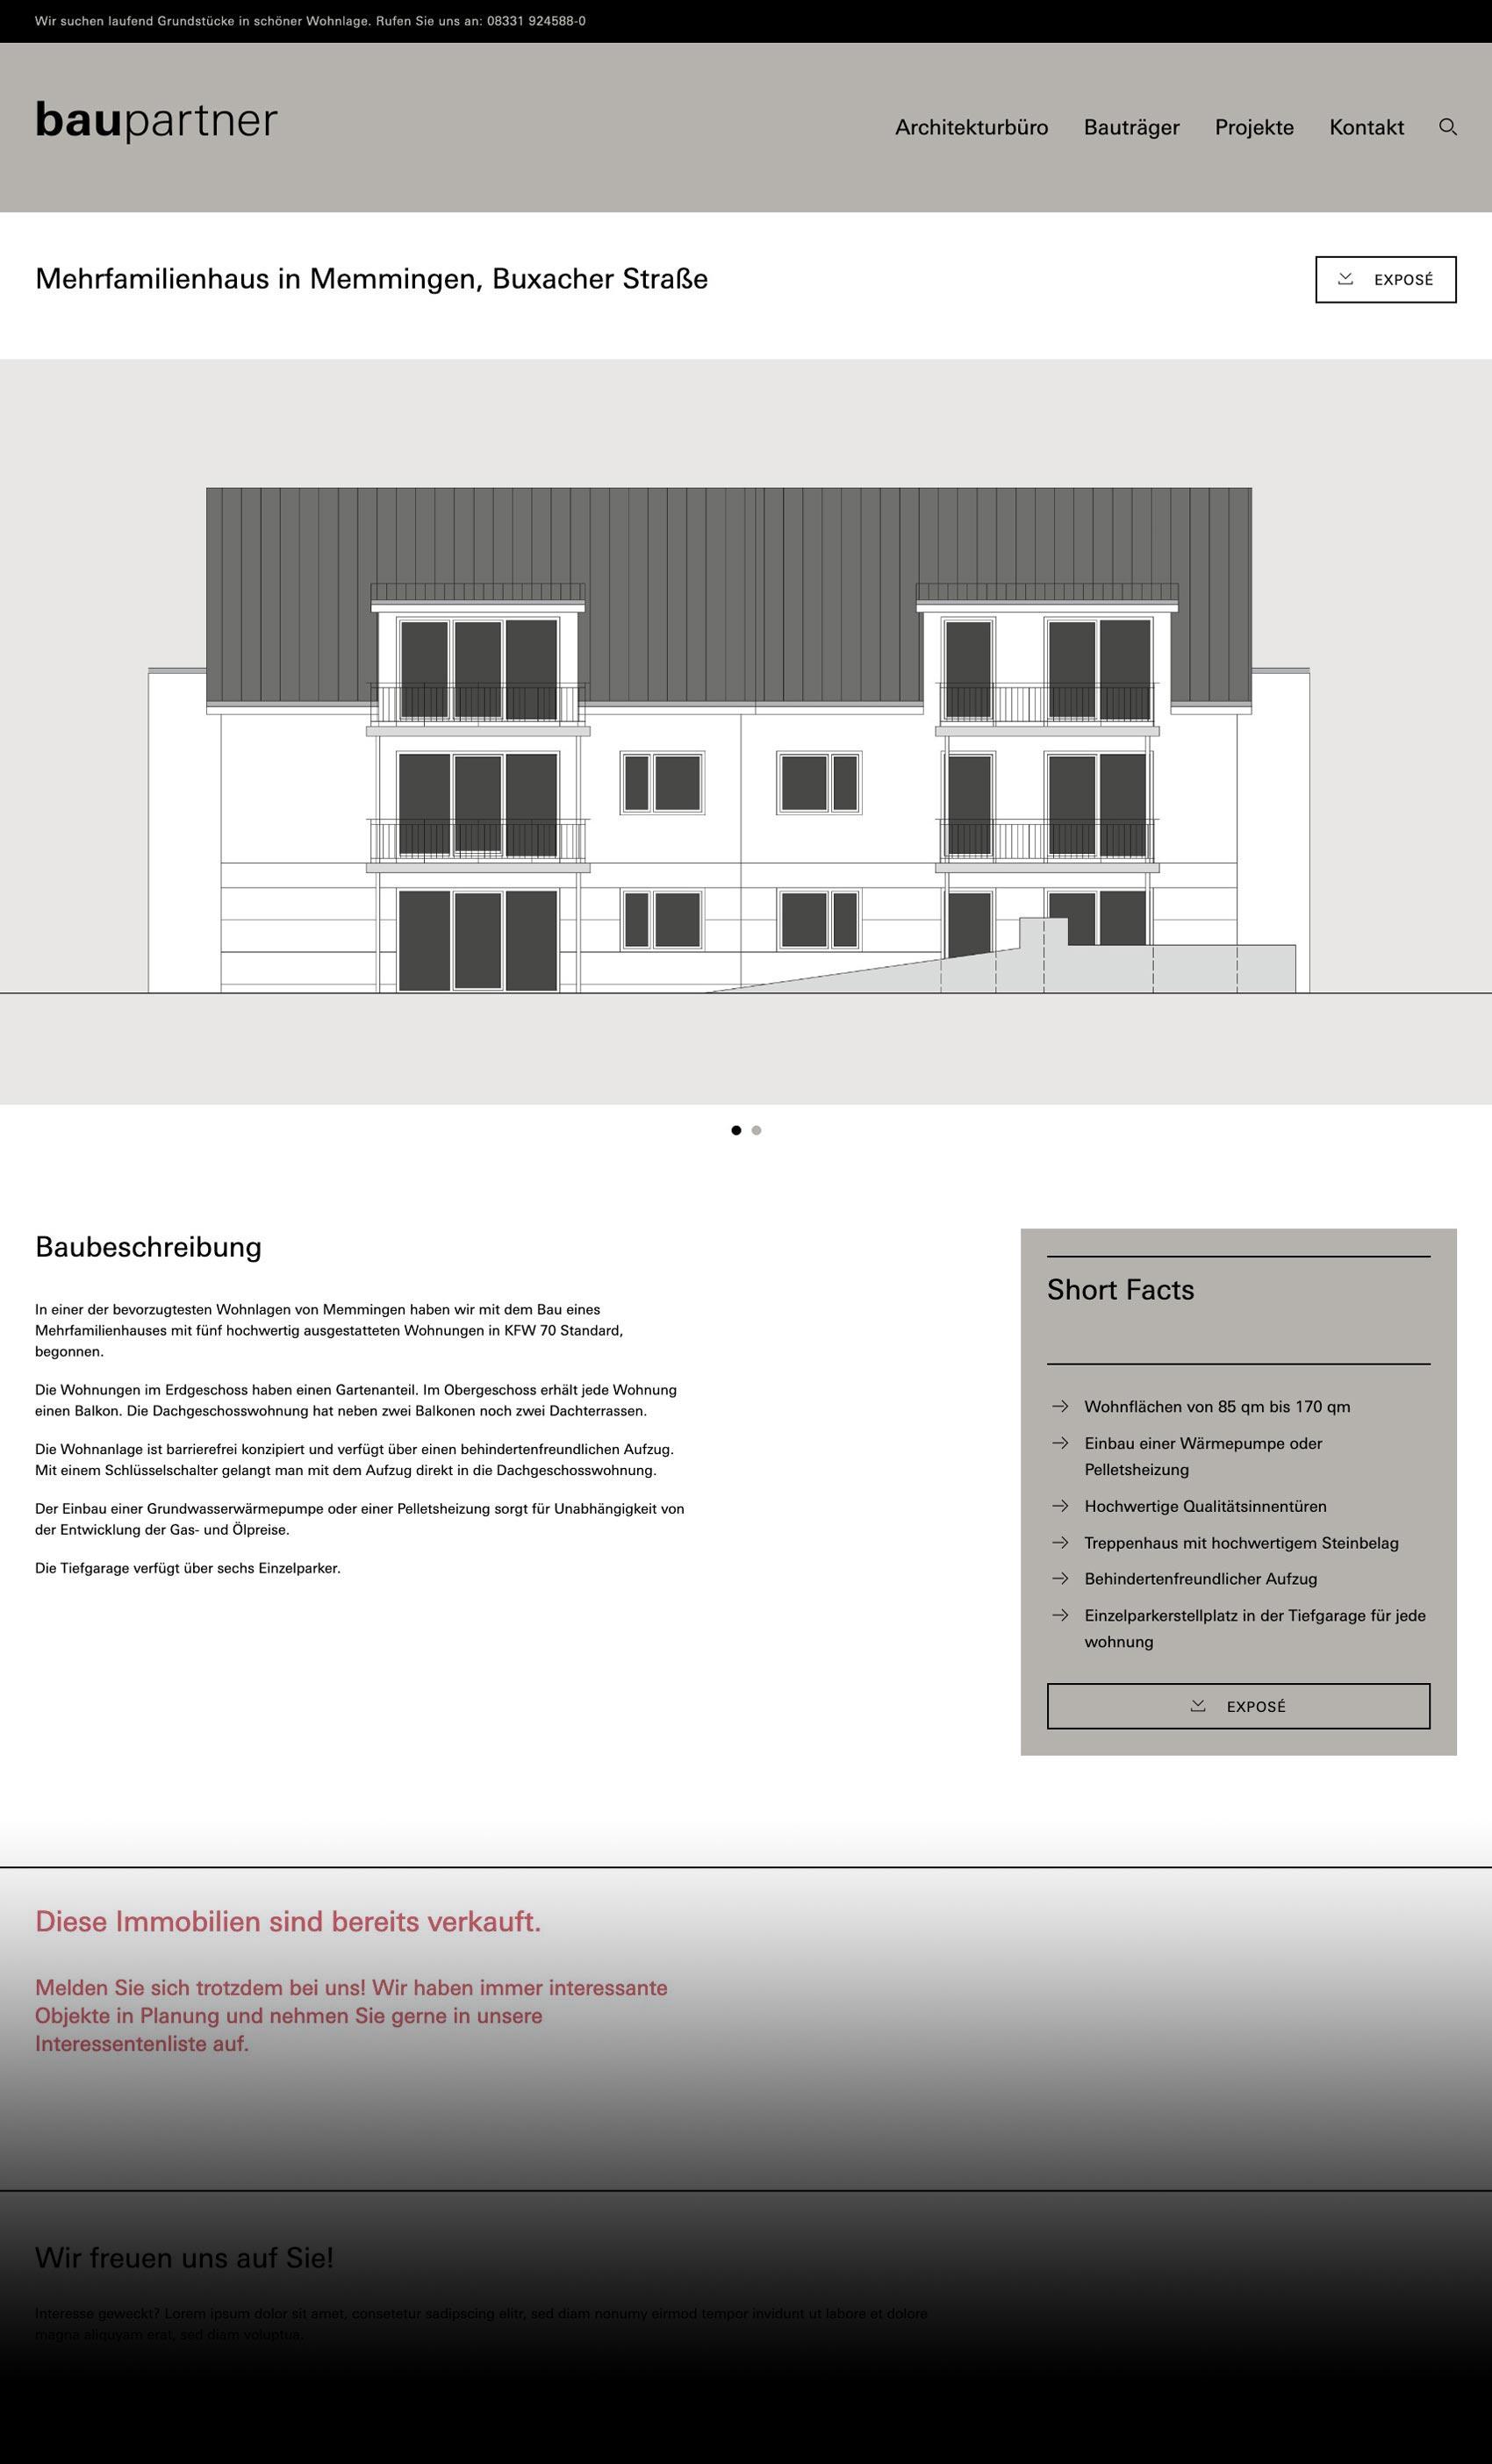 Webdesign für baupartner Memmingen